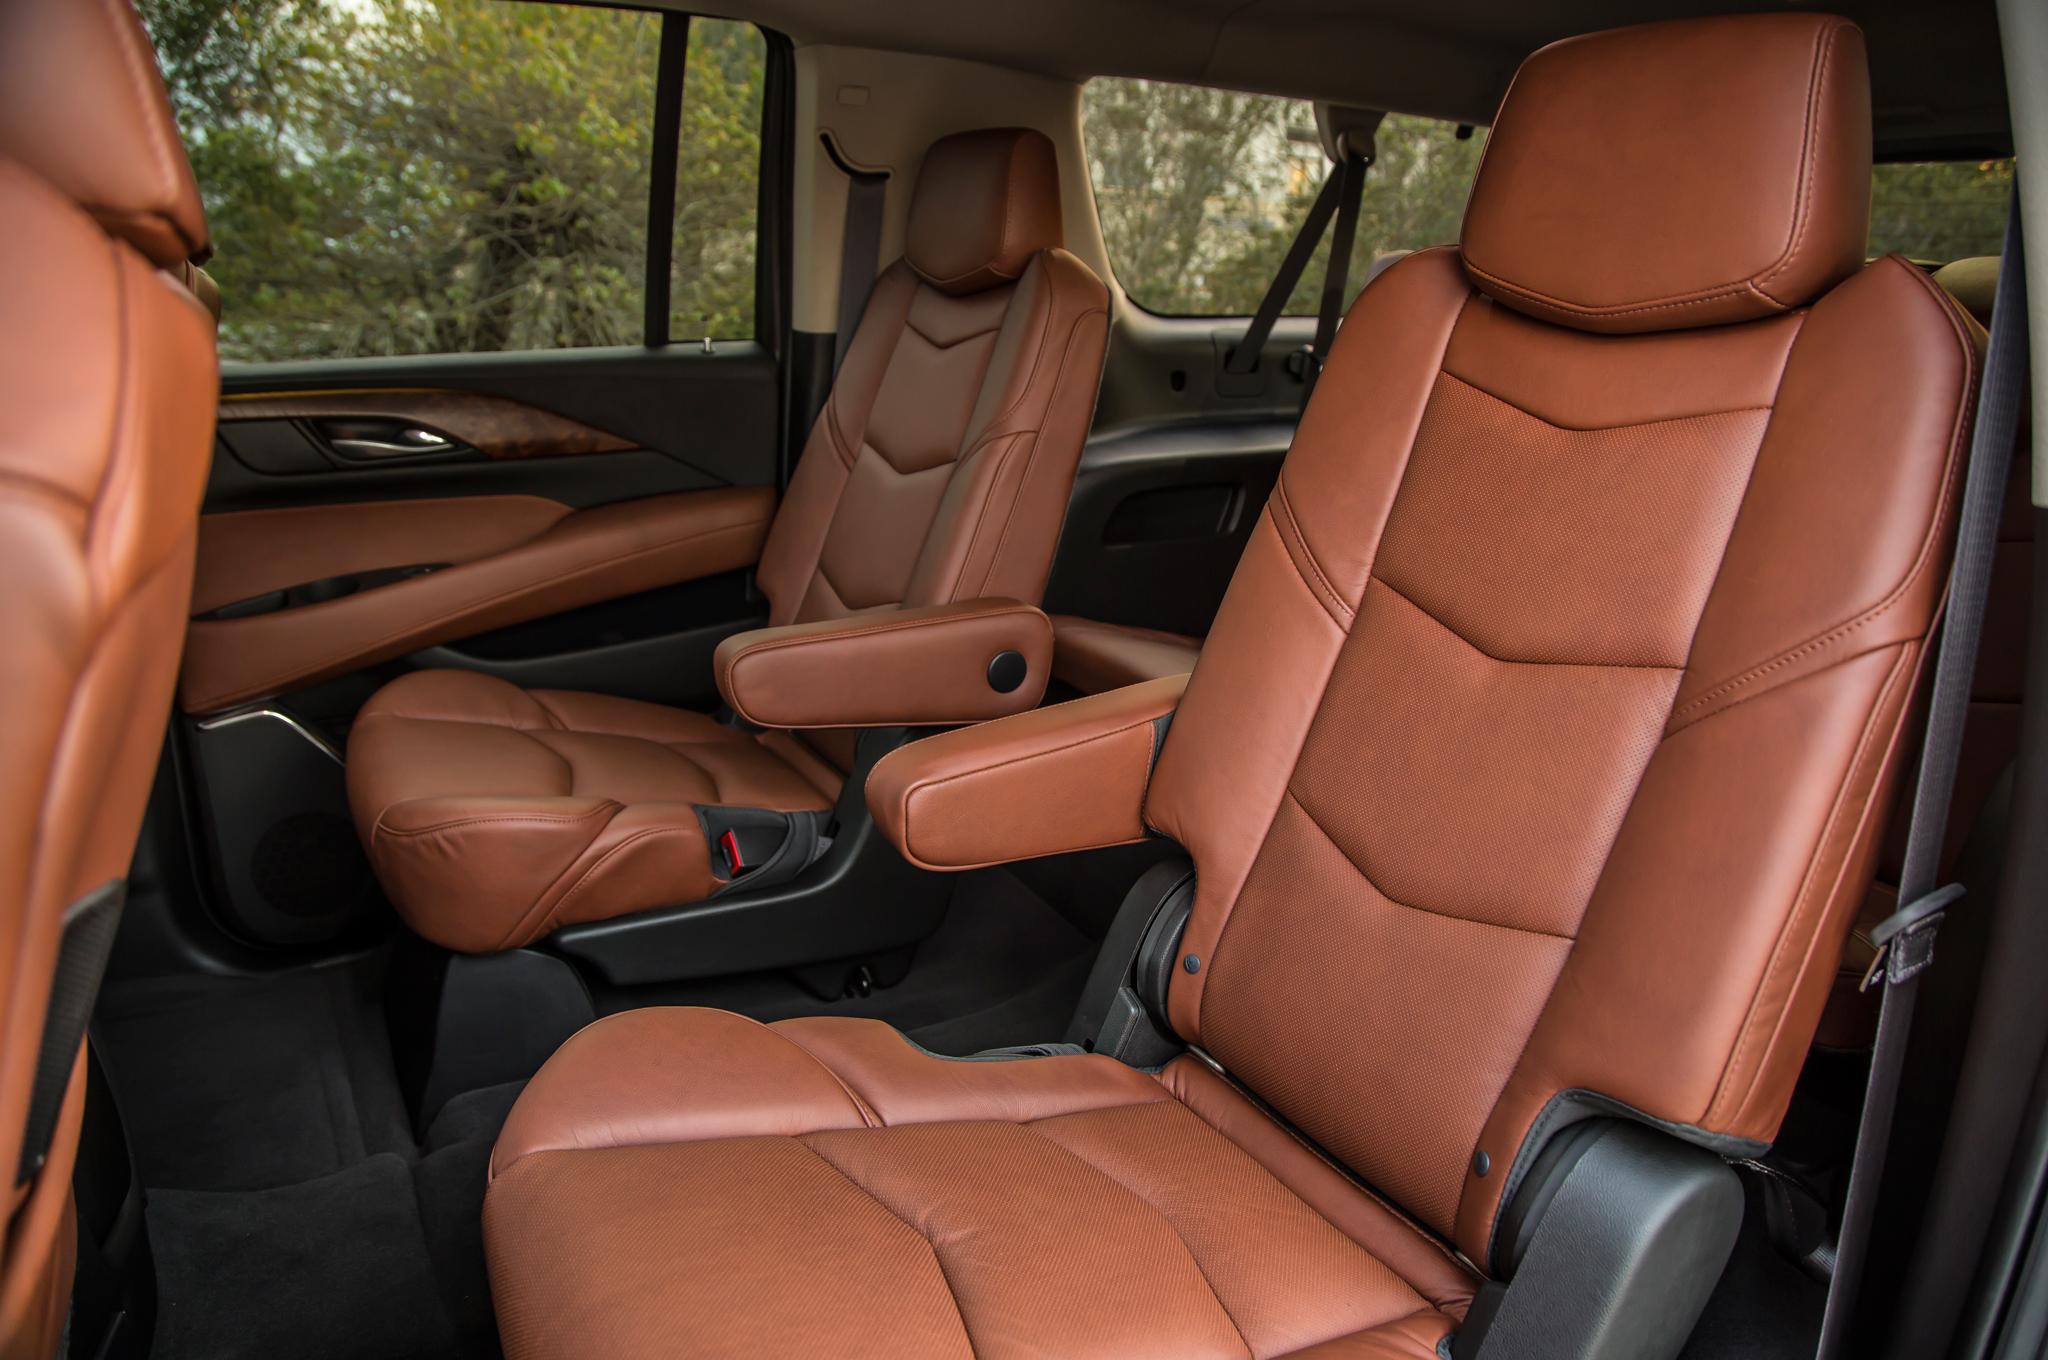 limobook-vancouver-luxury-transportation-service-cadillac-escalade-esv-04.jpg